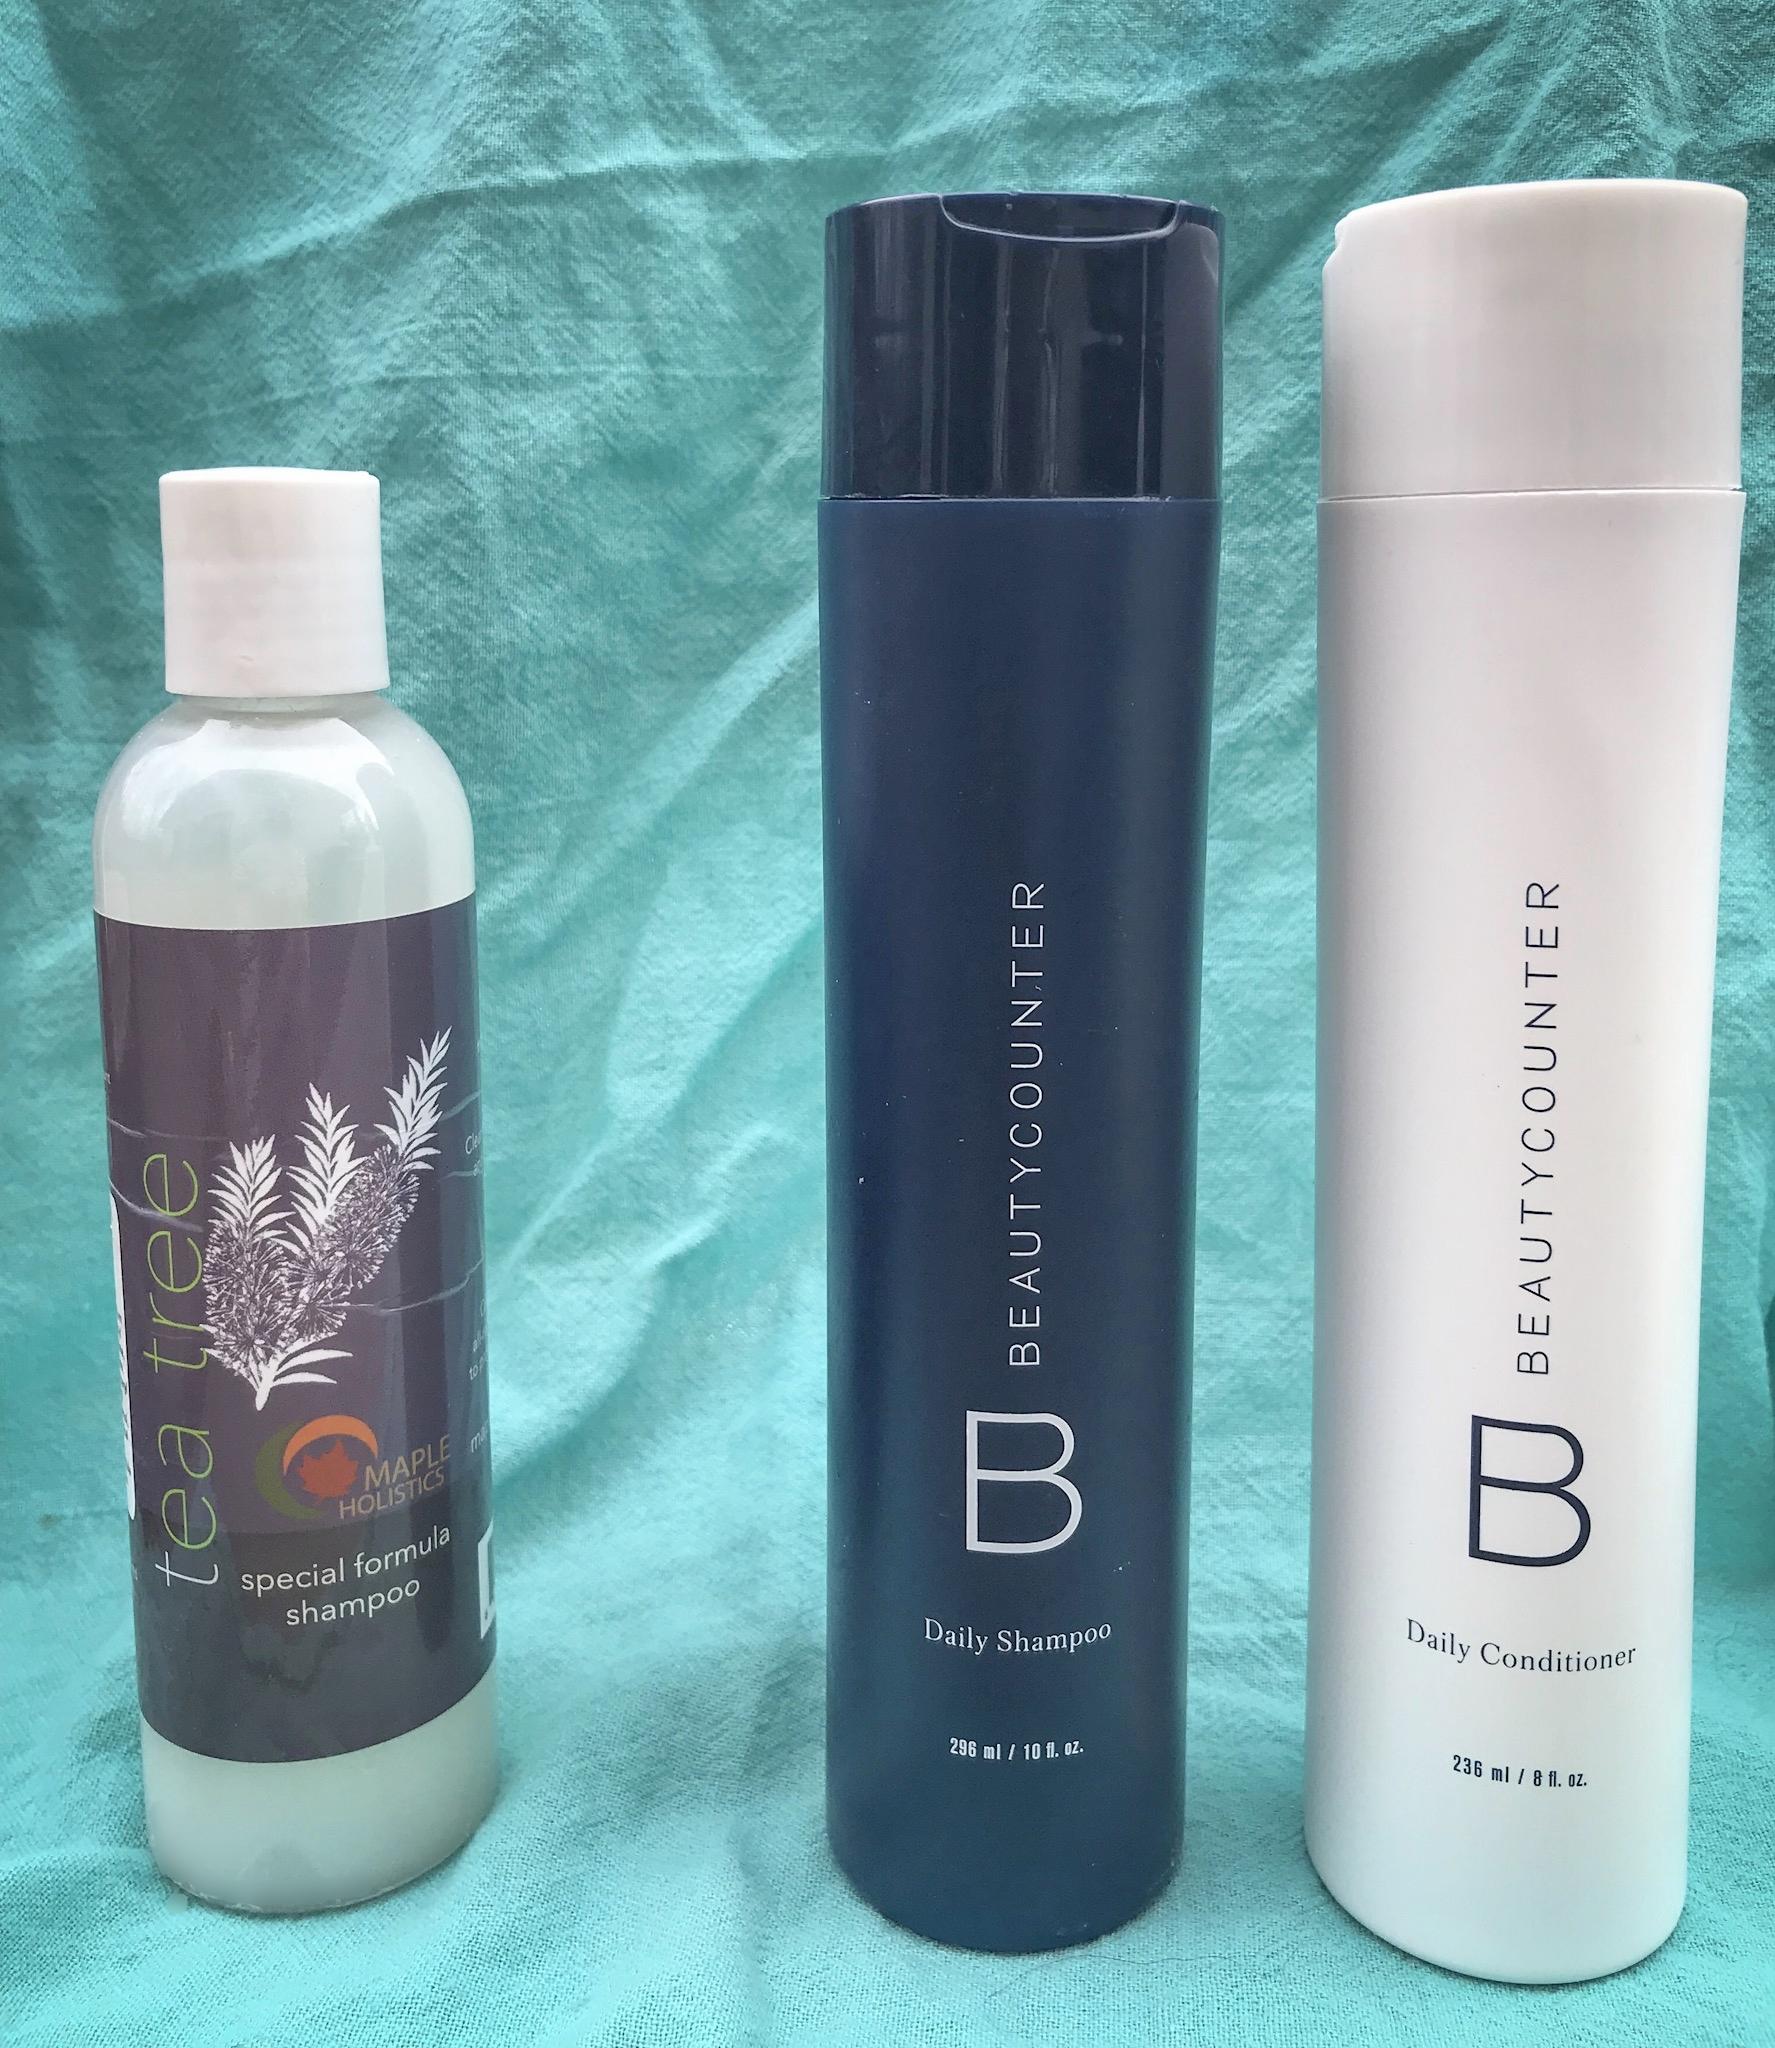 safer shower products1.JPG